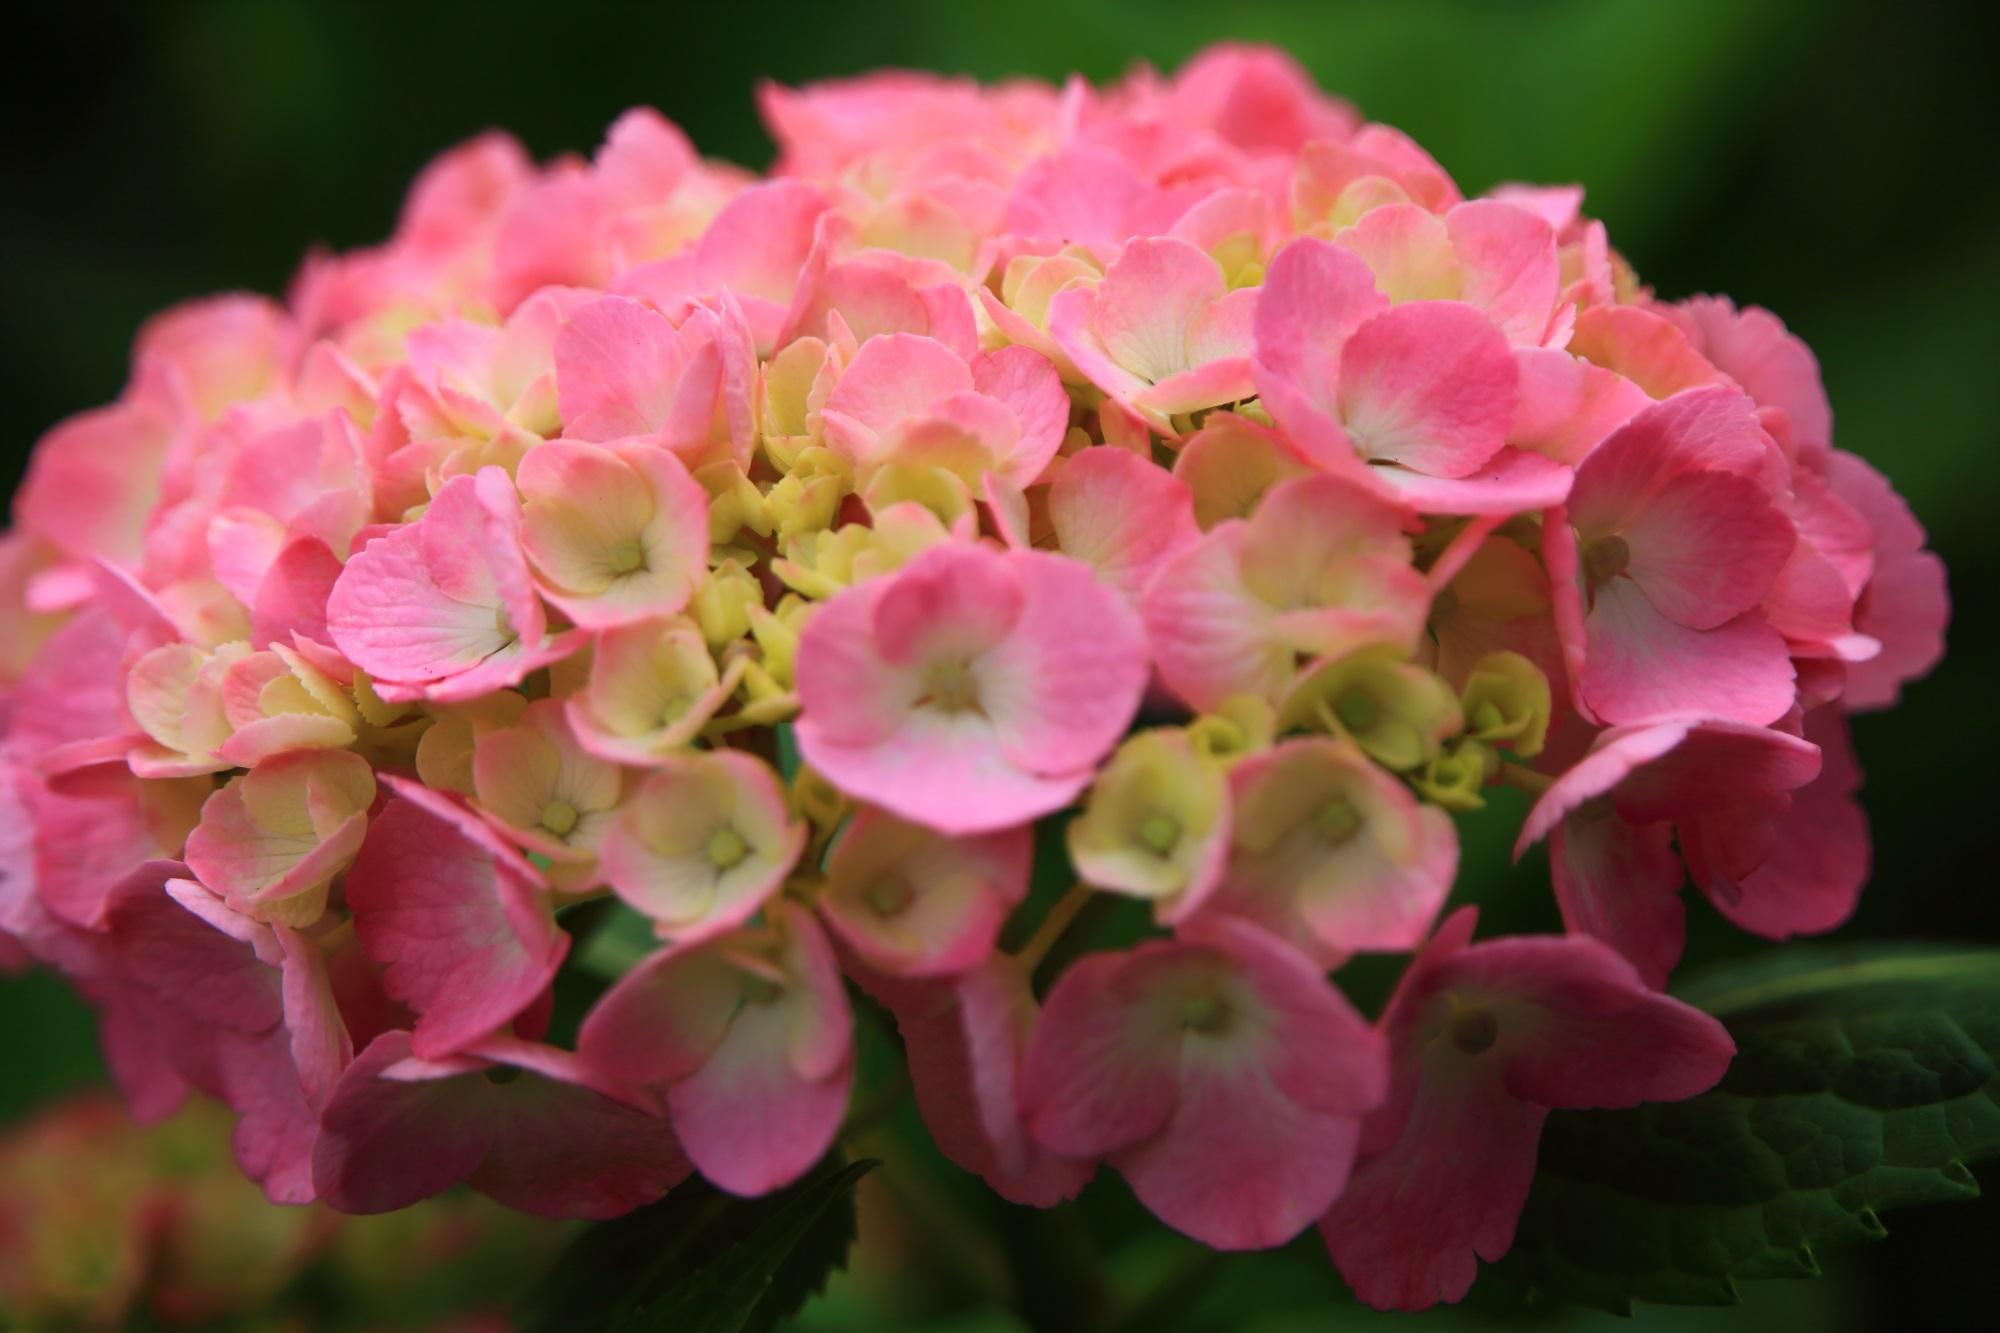 三室戸寺の元気が出そうなピンクの華やかな紫陽花